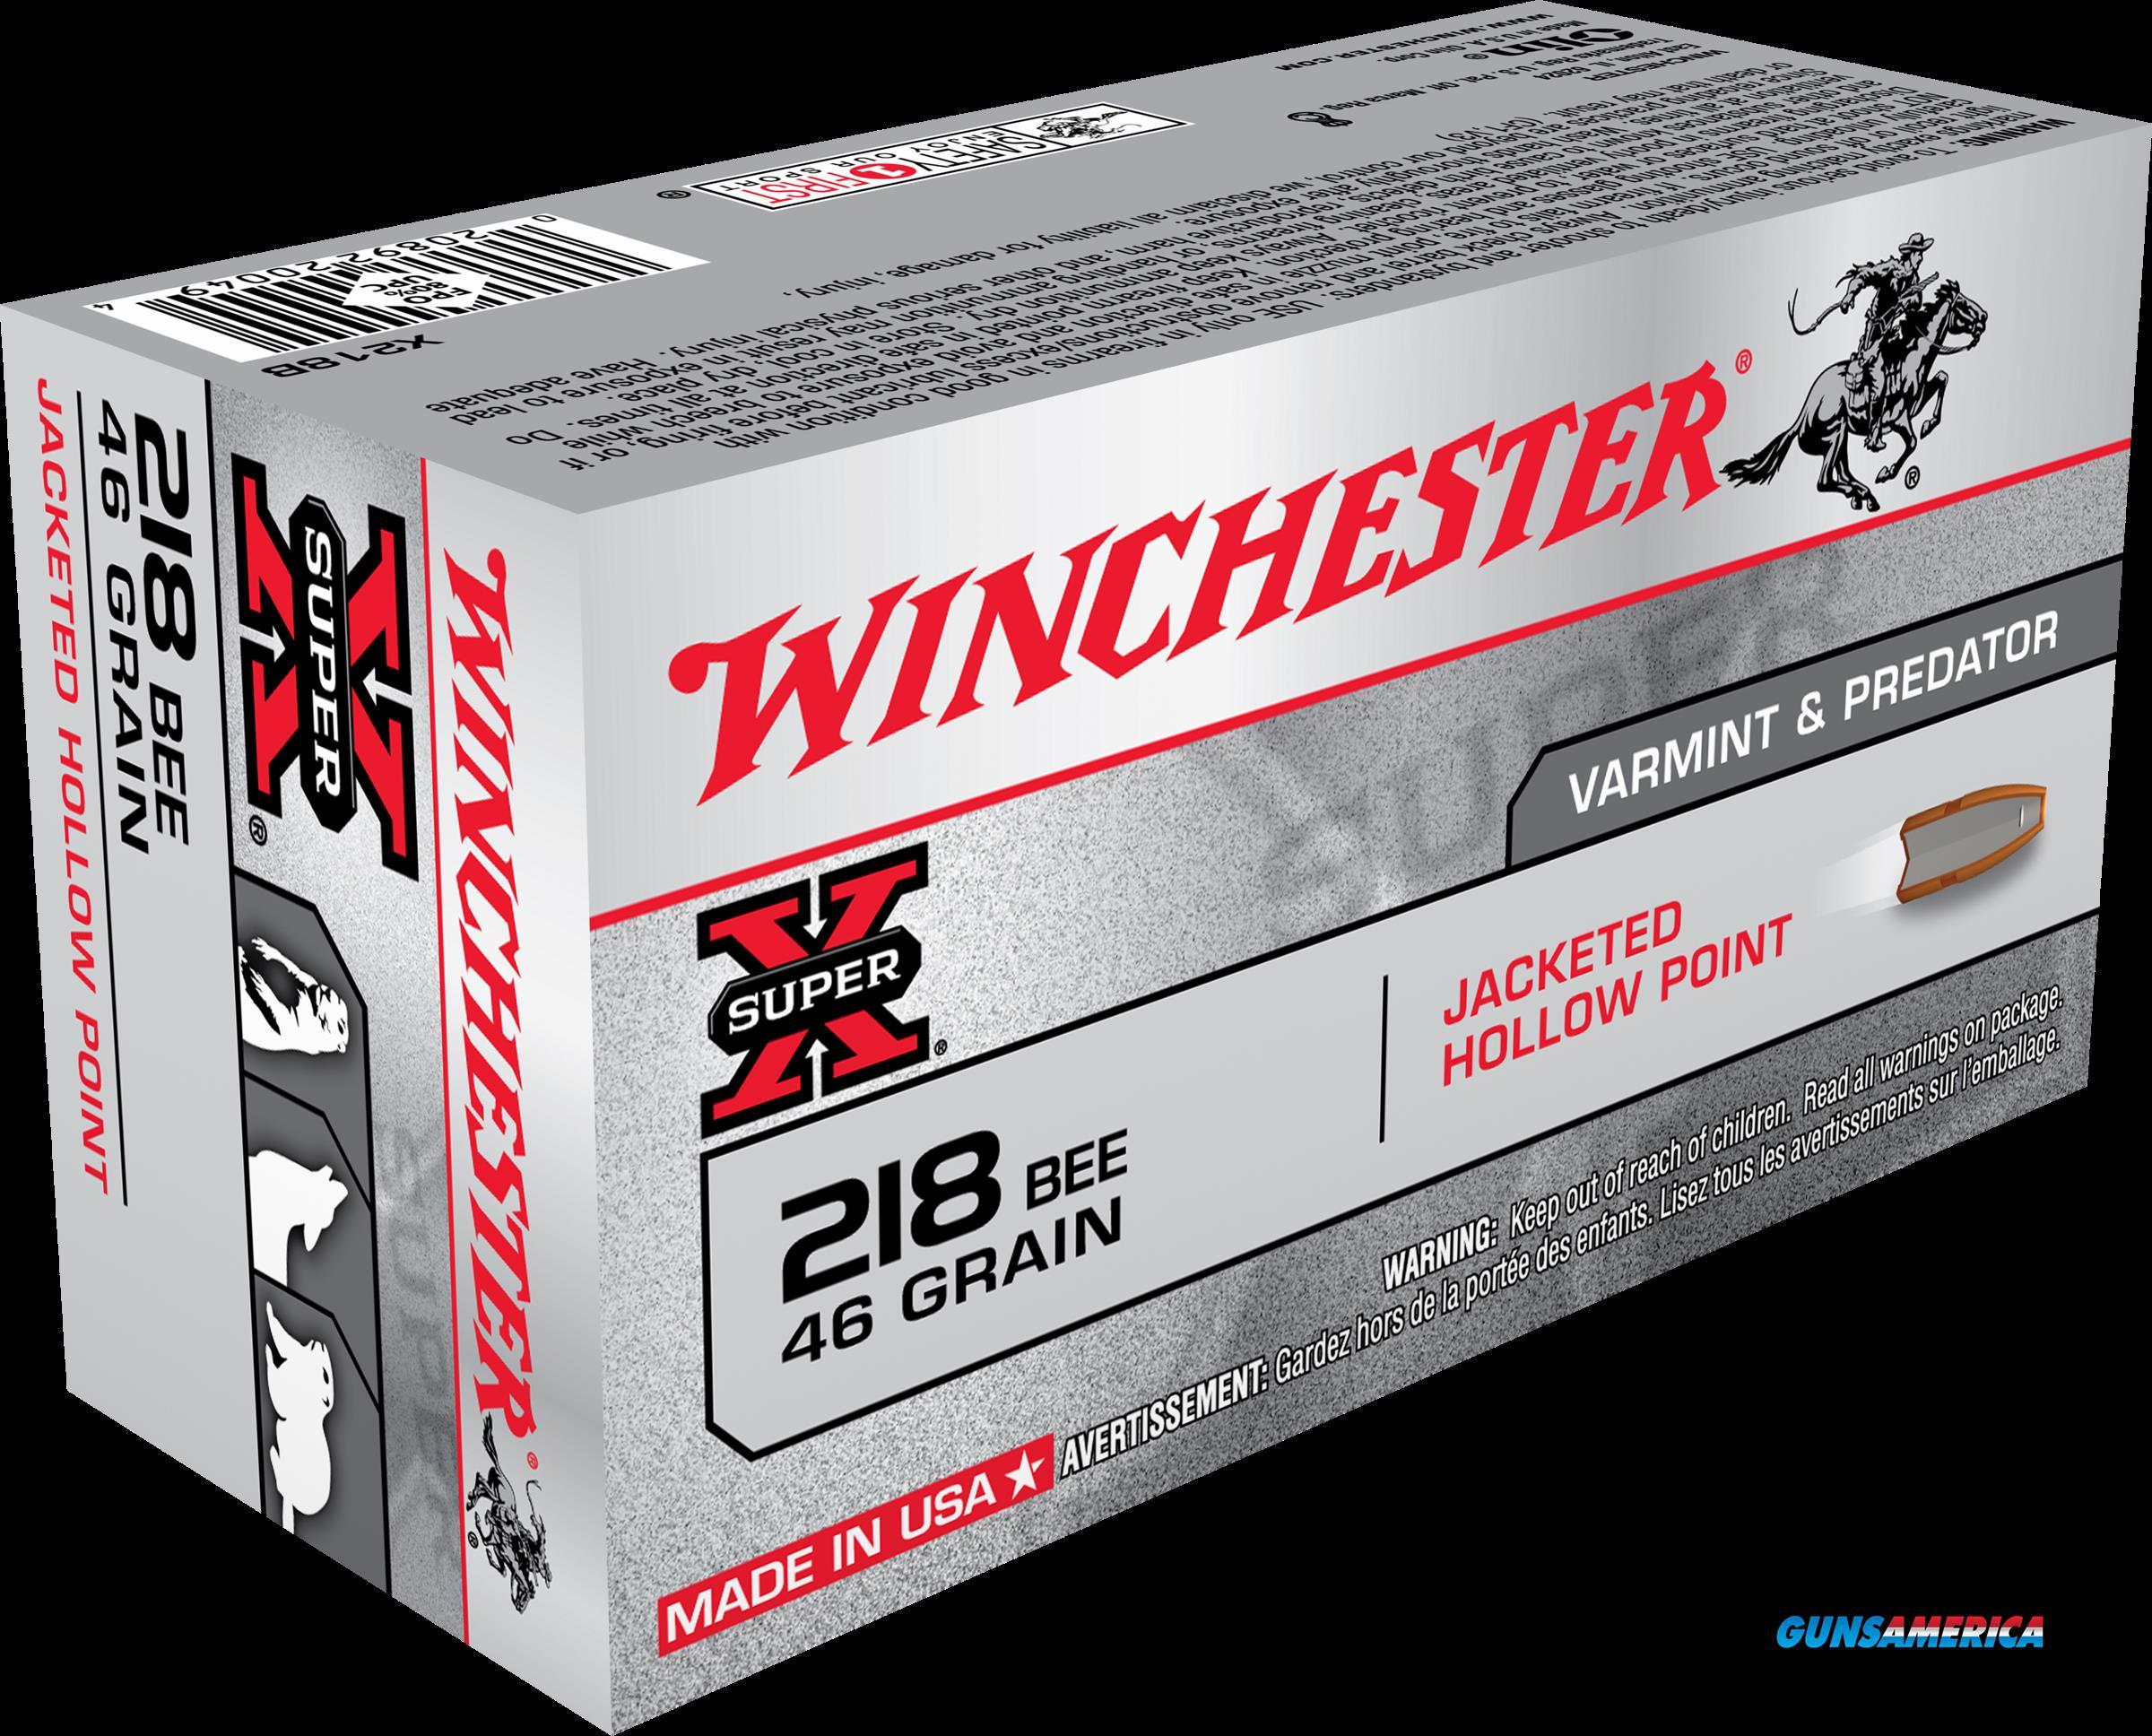 Winchester Ammo Super-x, Win X218b         218bee  46hp   50-10  Guns > Pistols > 1911 Pistol Copies (non-Colt)